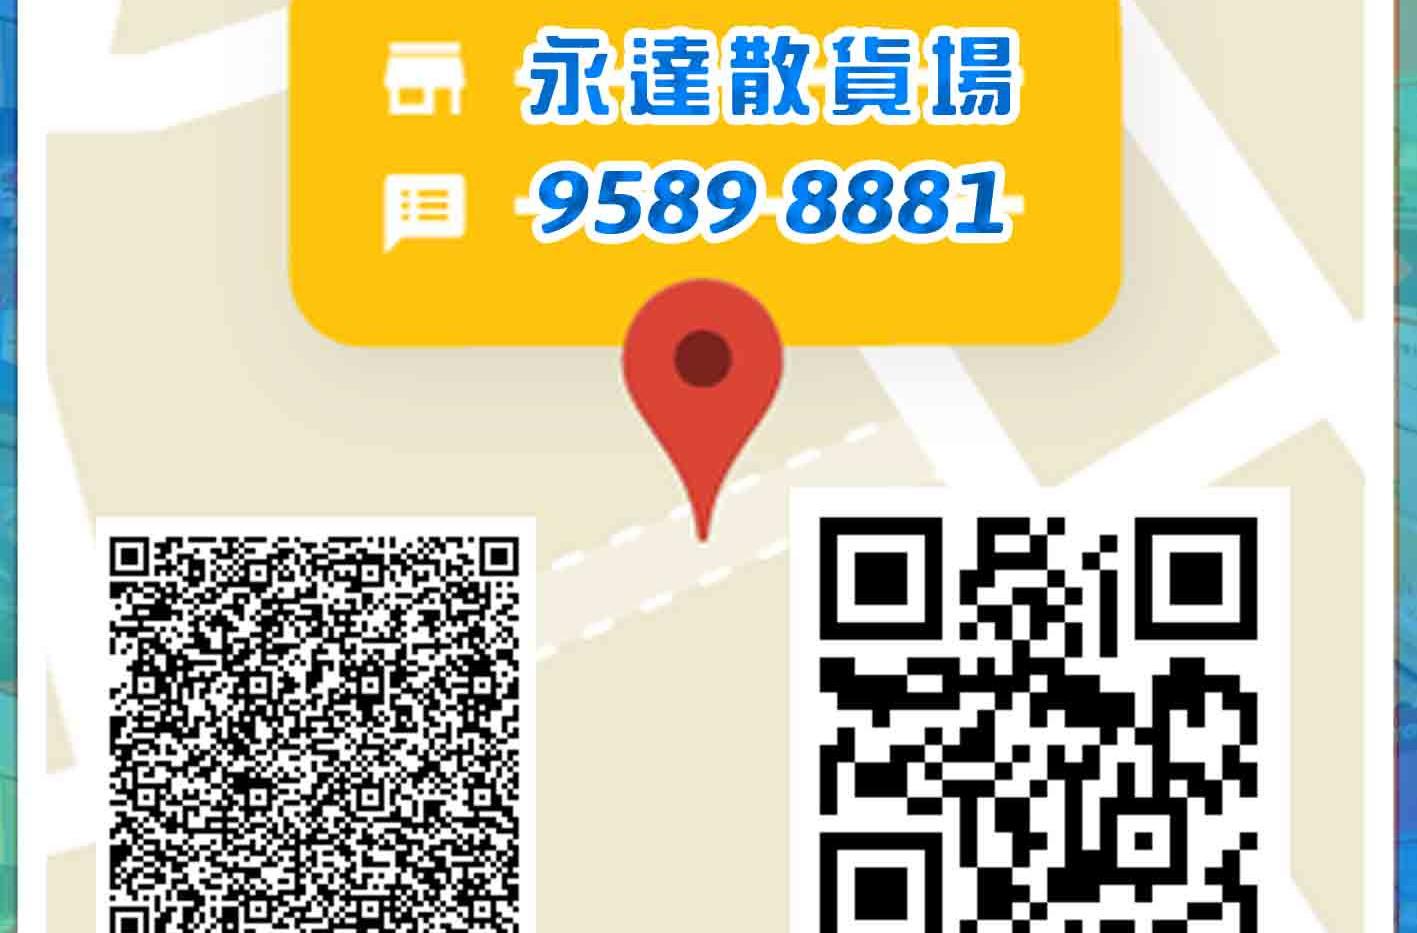 荃灣南豐map拷貝.jpg